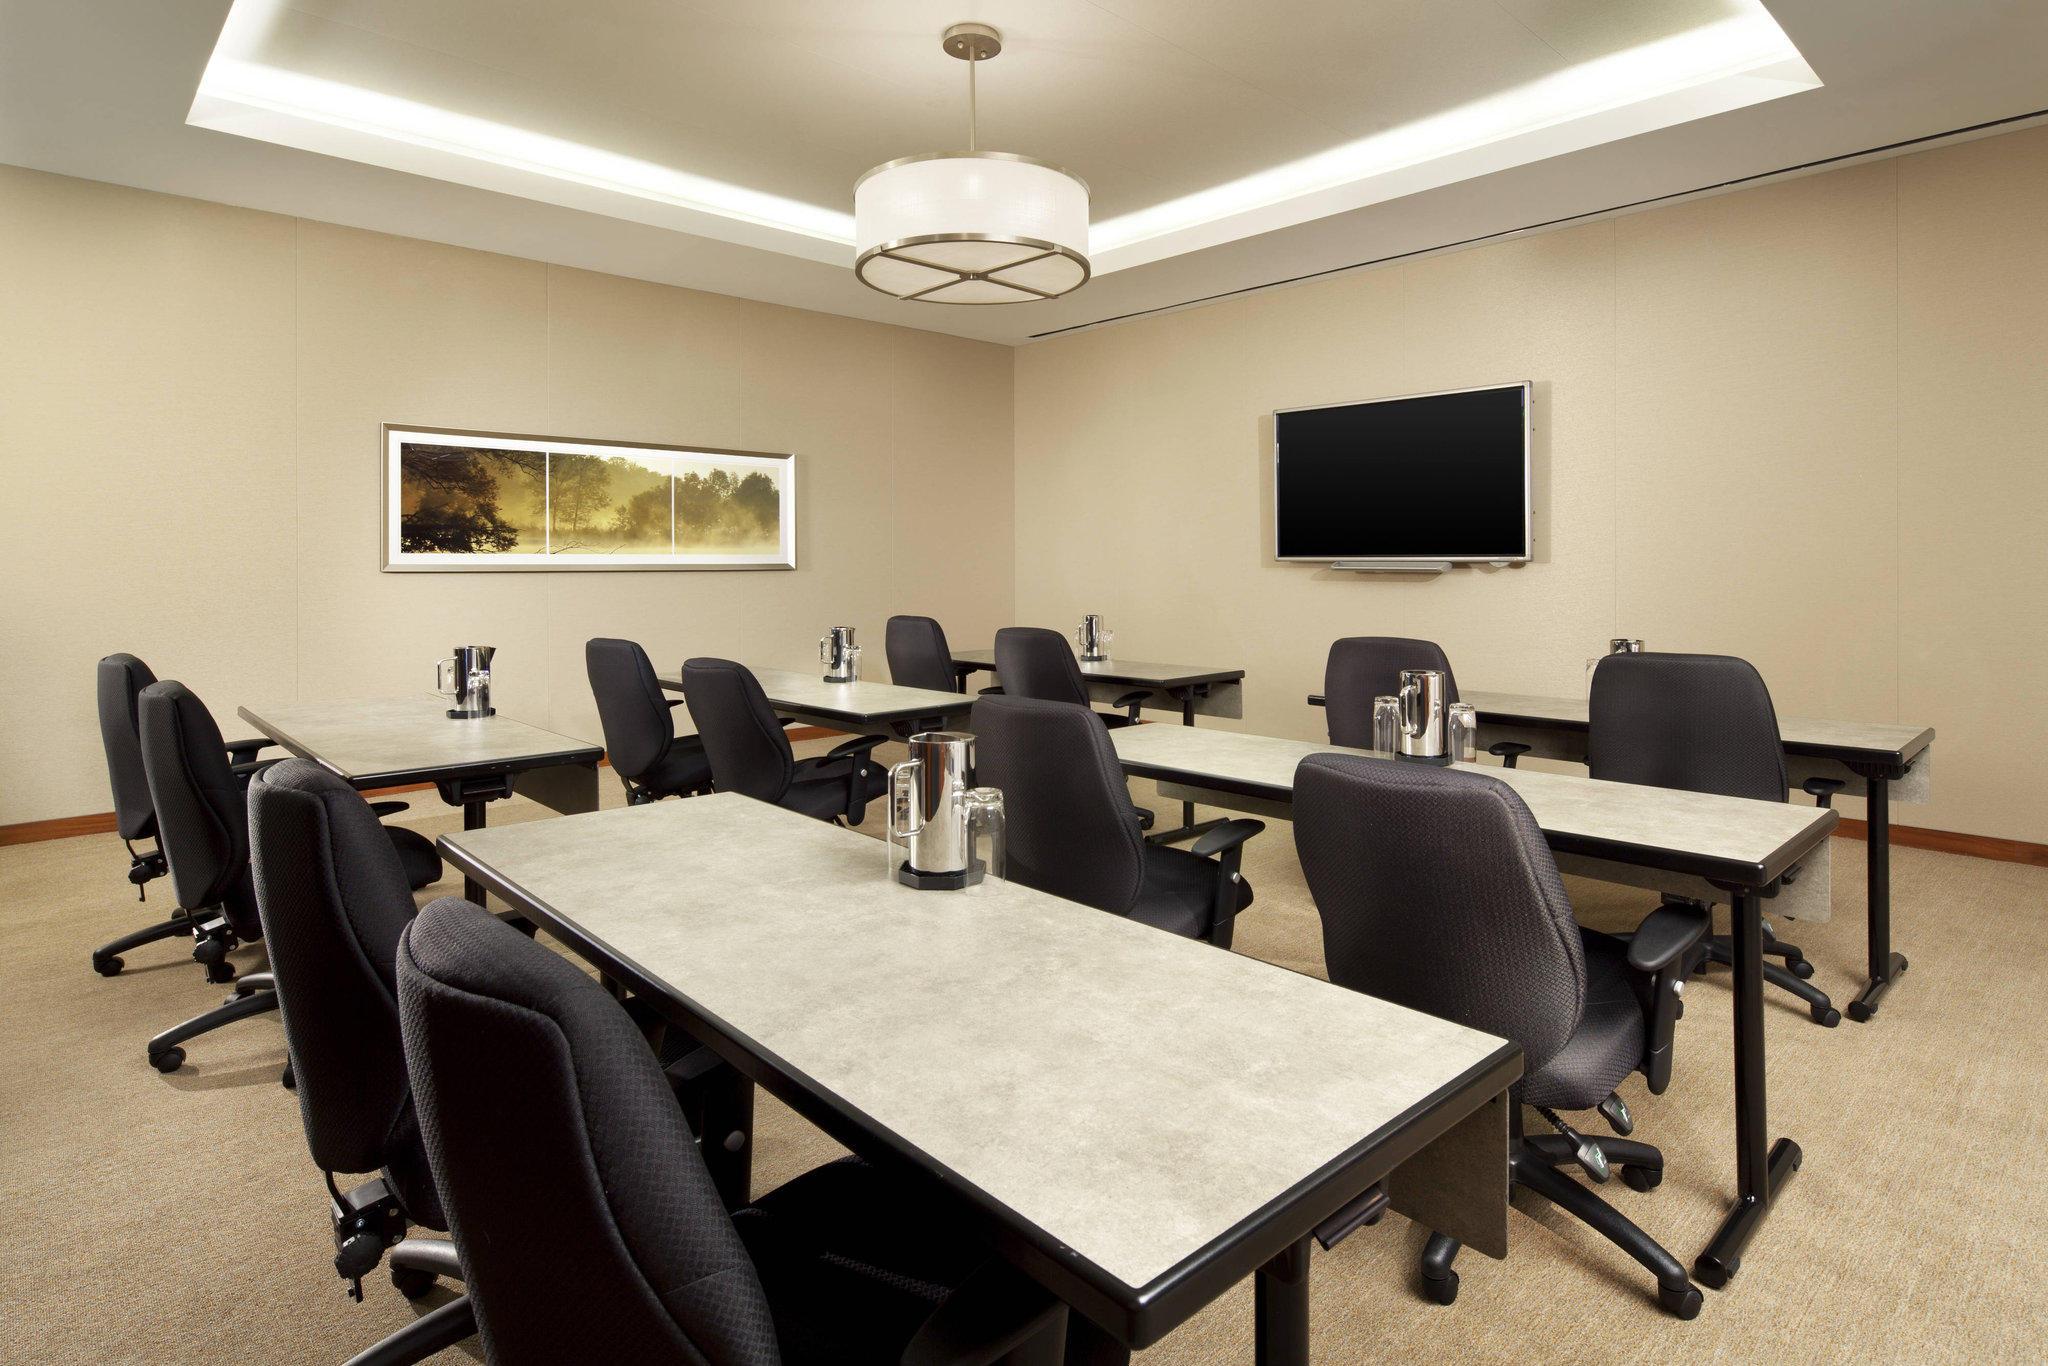 Sheraton Fairplex Hotel & Conference Center